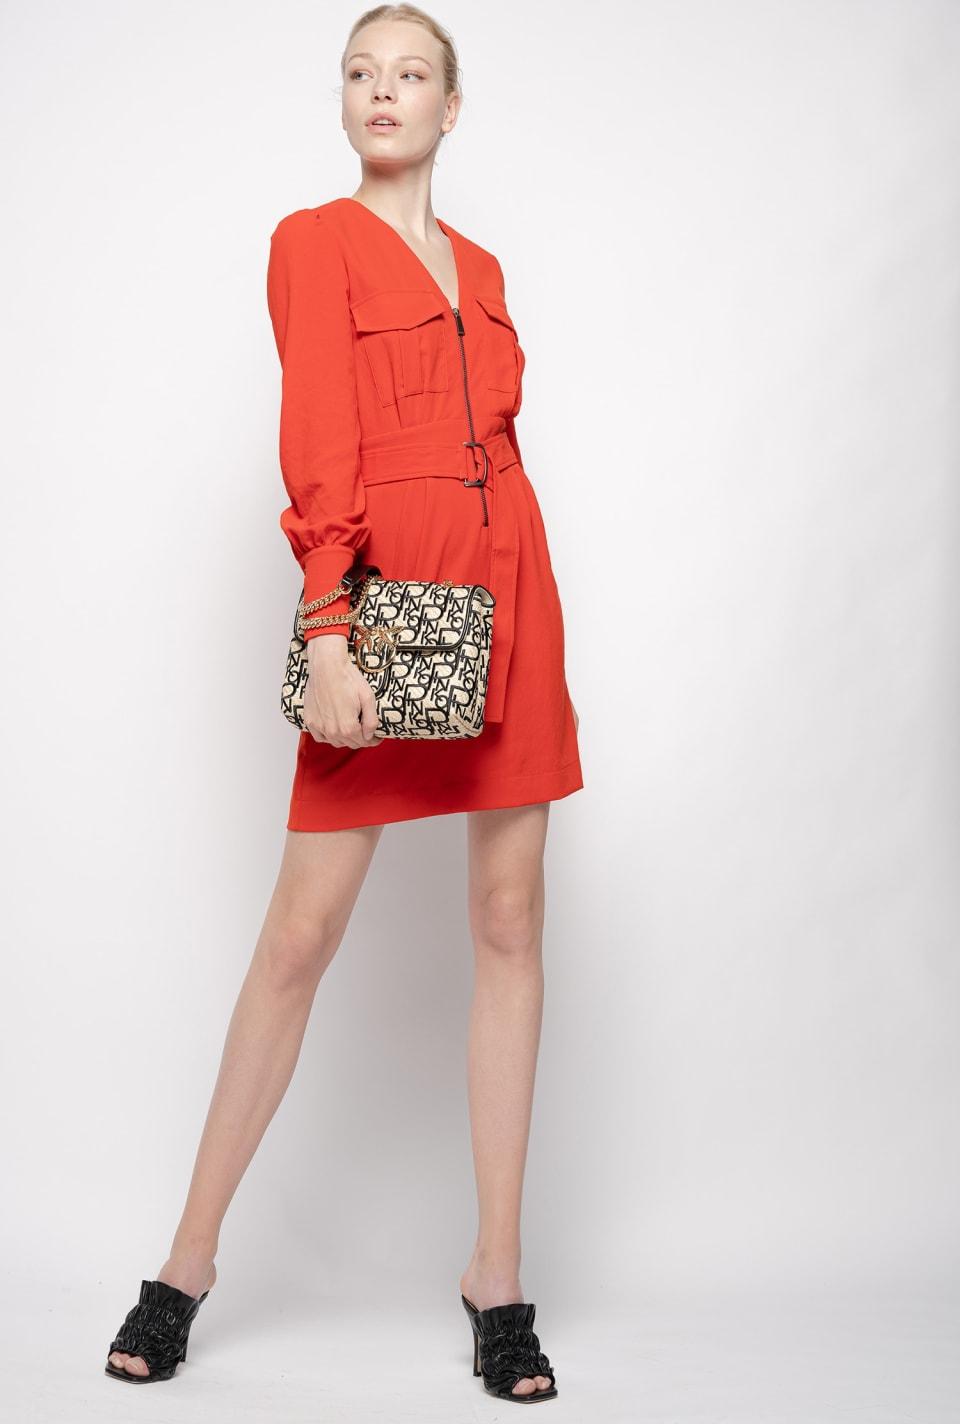 Robe style utilitaire - Pinko